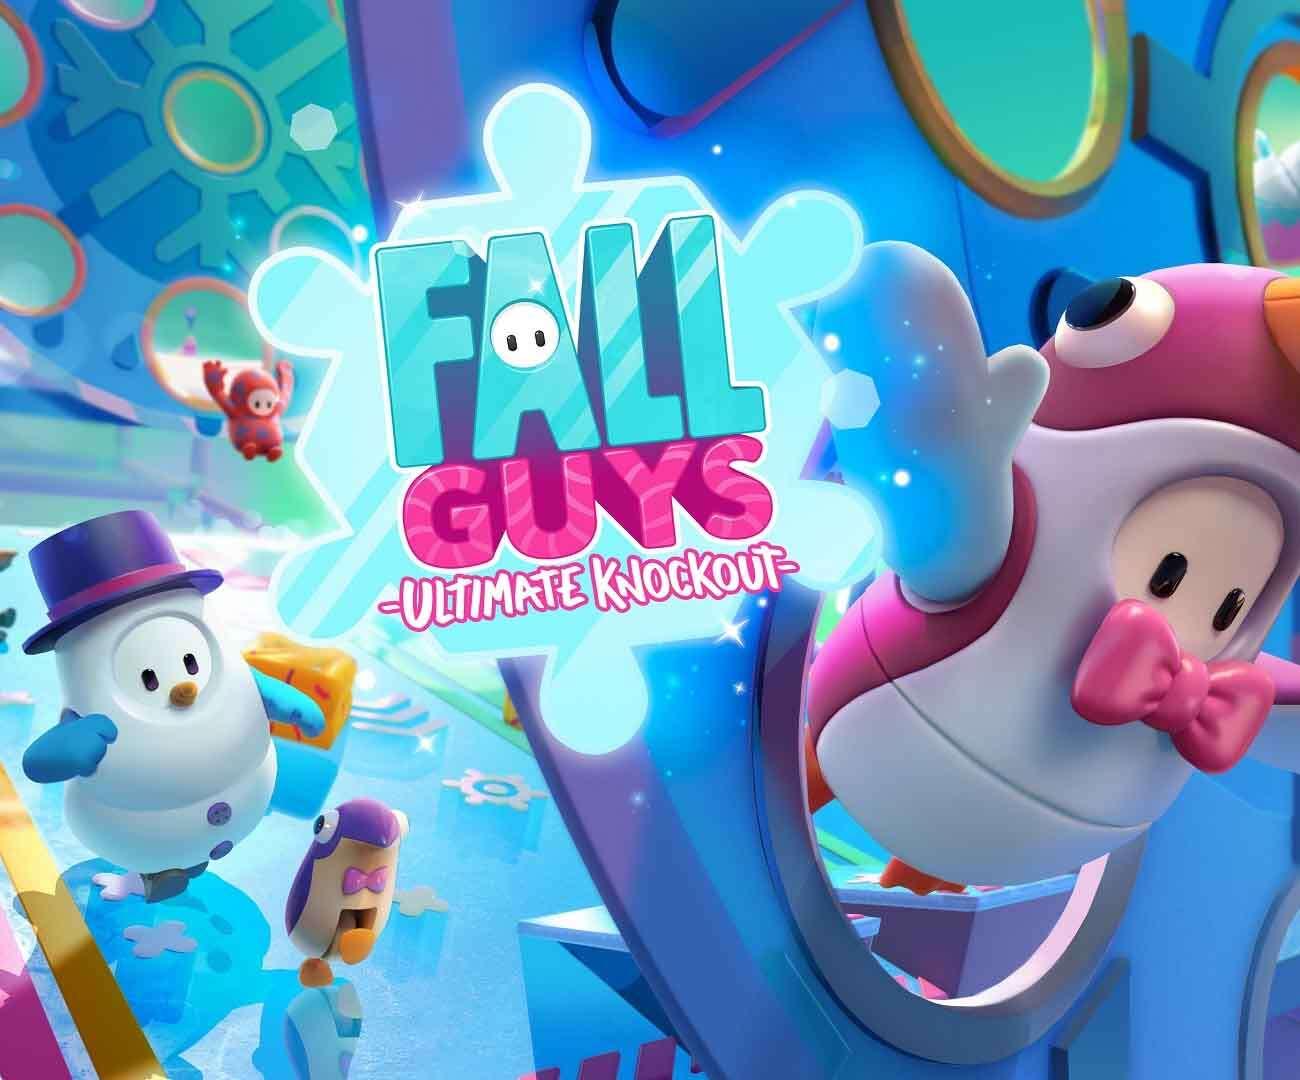 Nowe szczegóły Fall Guys Sezon 3. Może czas zostawić Among Us i wrócić?